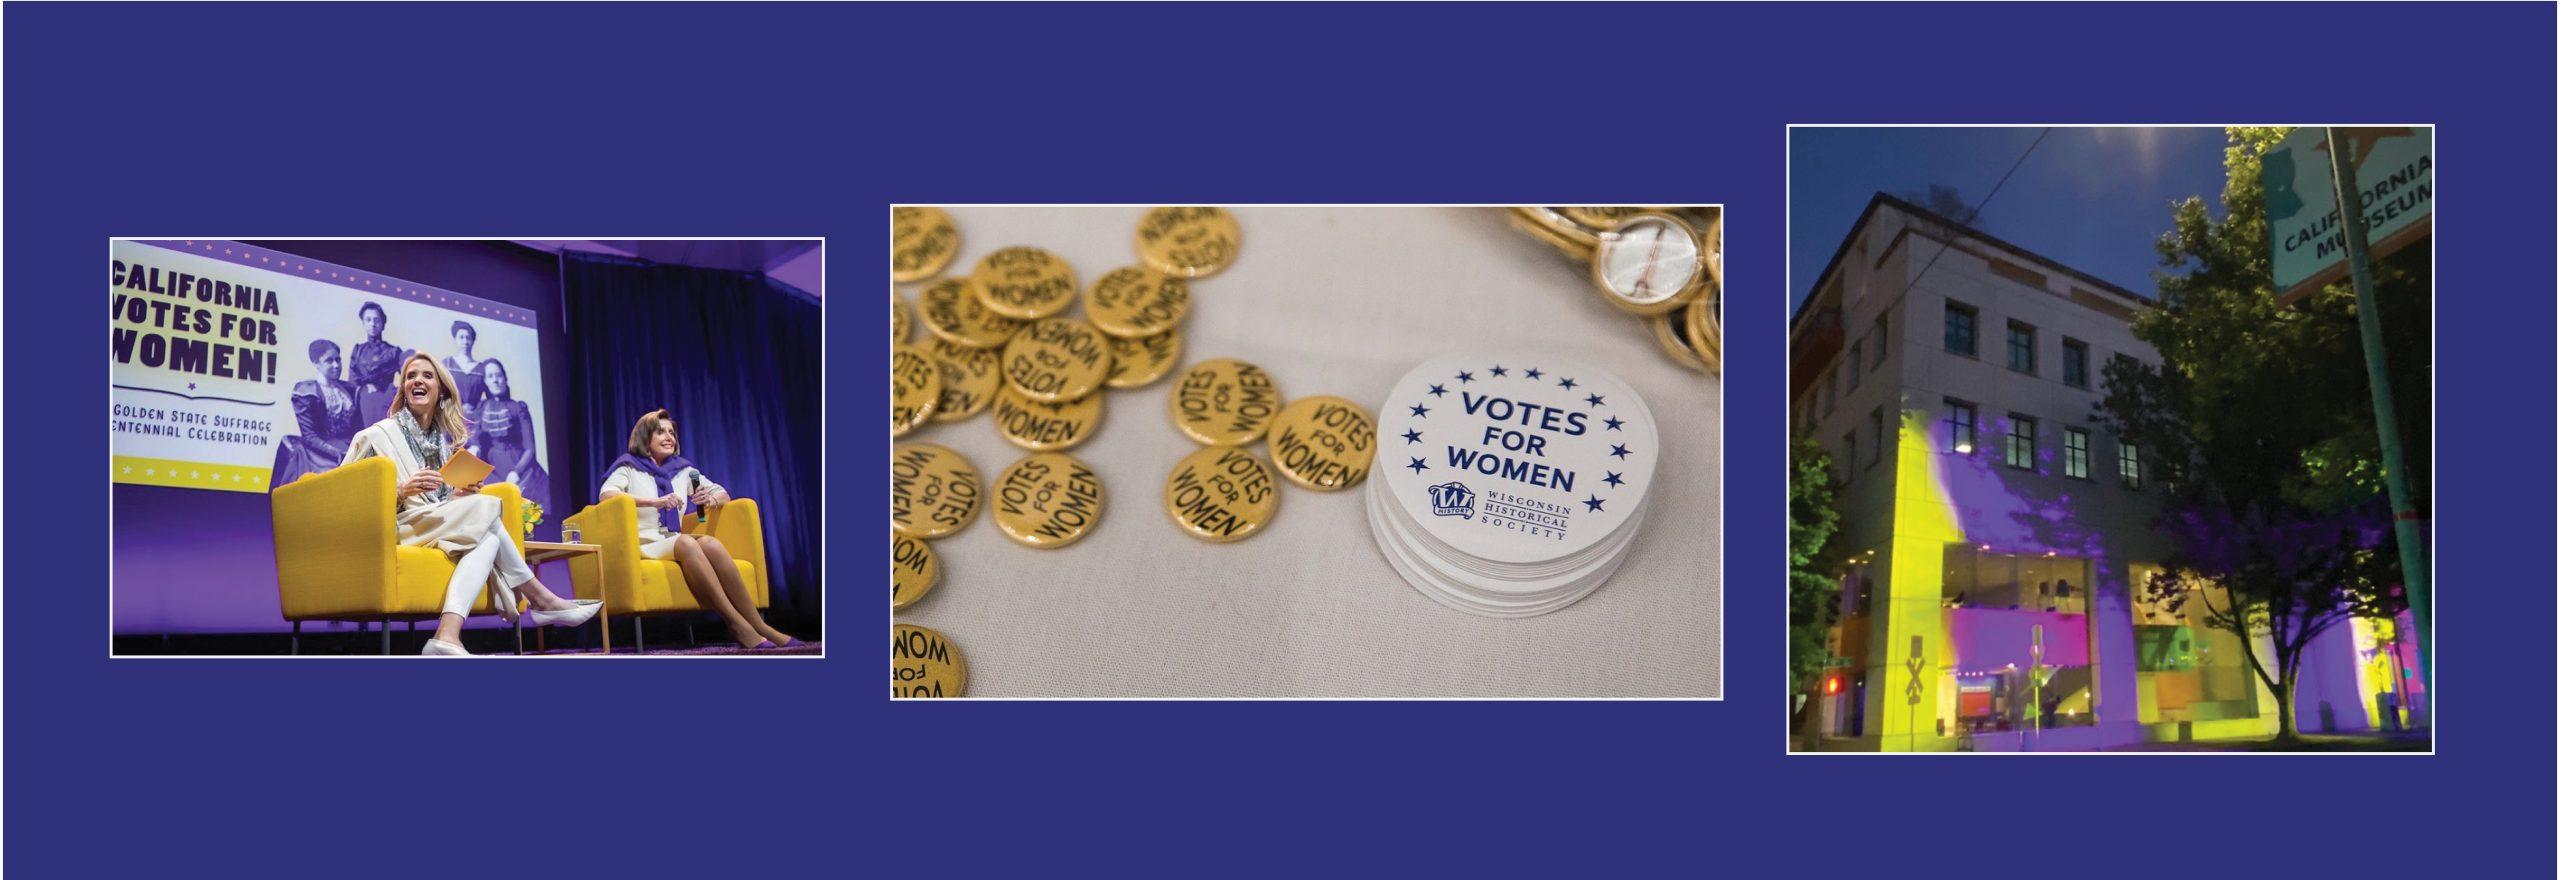 Suffrage Gallery Slide 3.